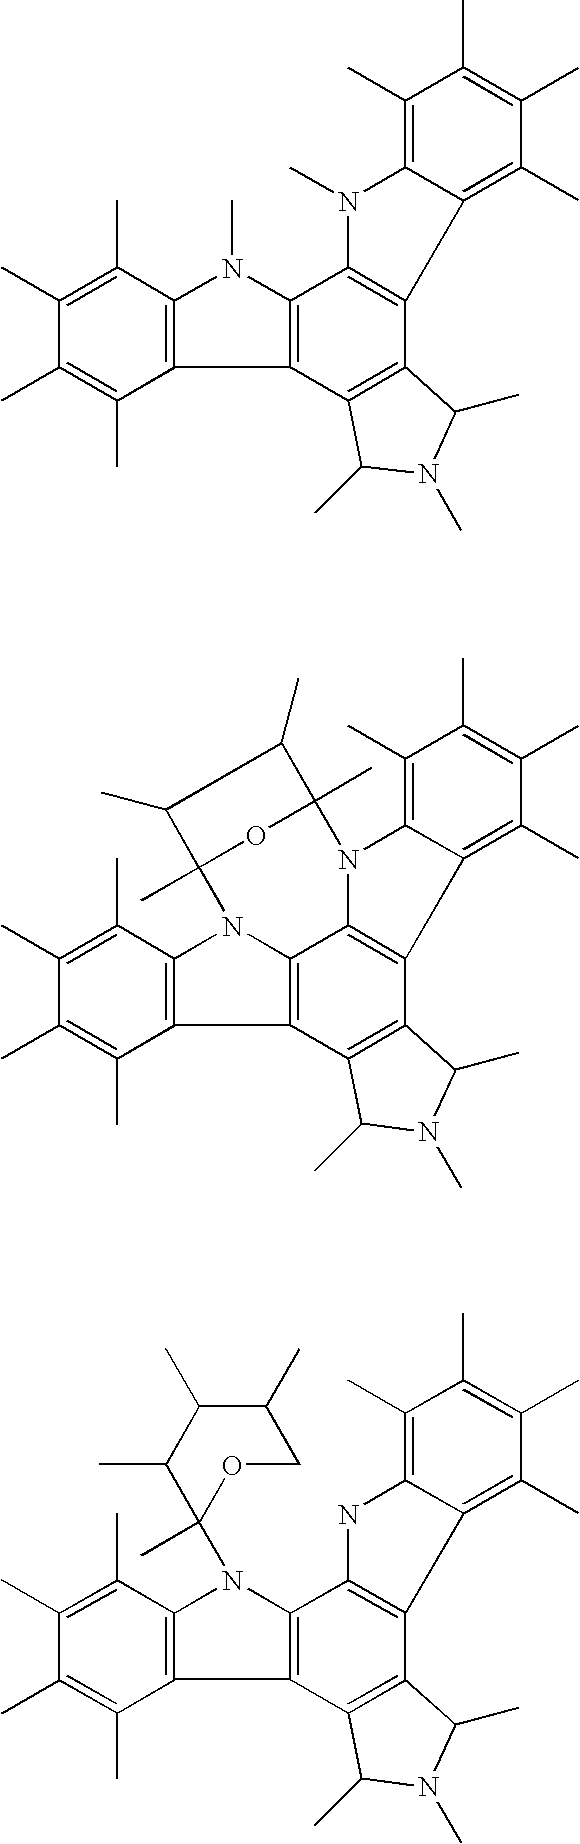 Figure US20070142560A1-20070621-C00004